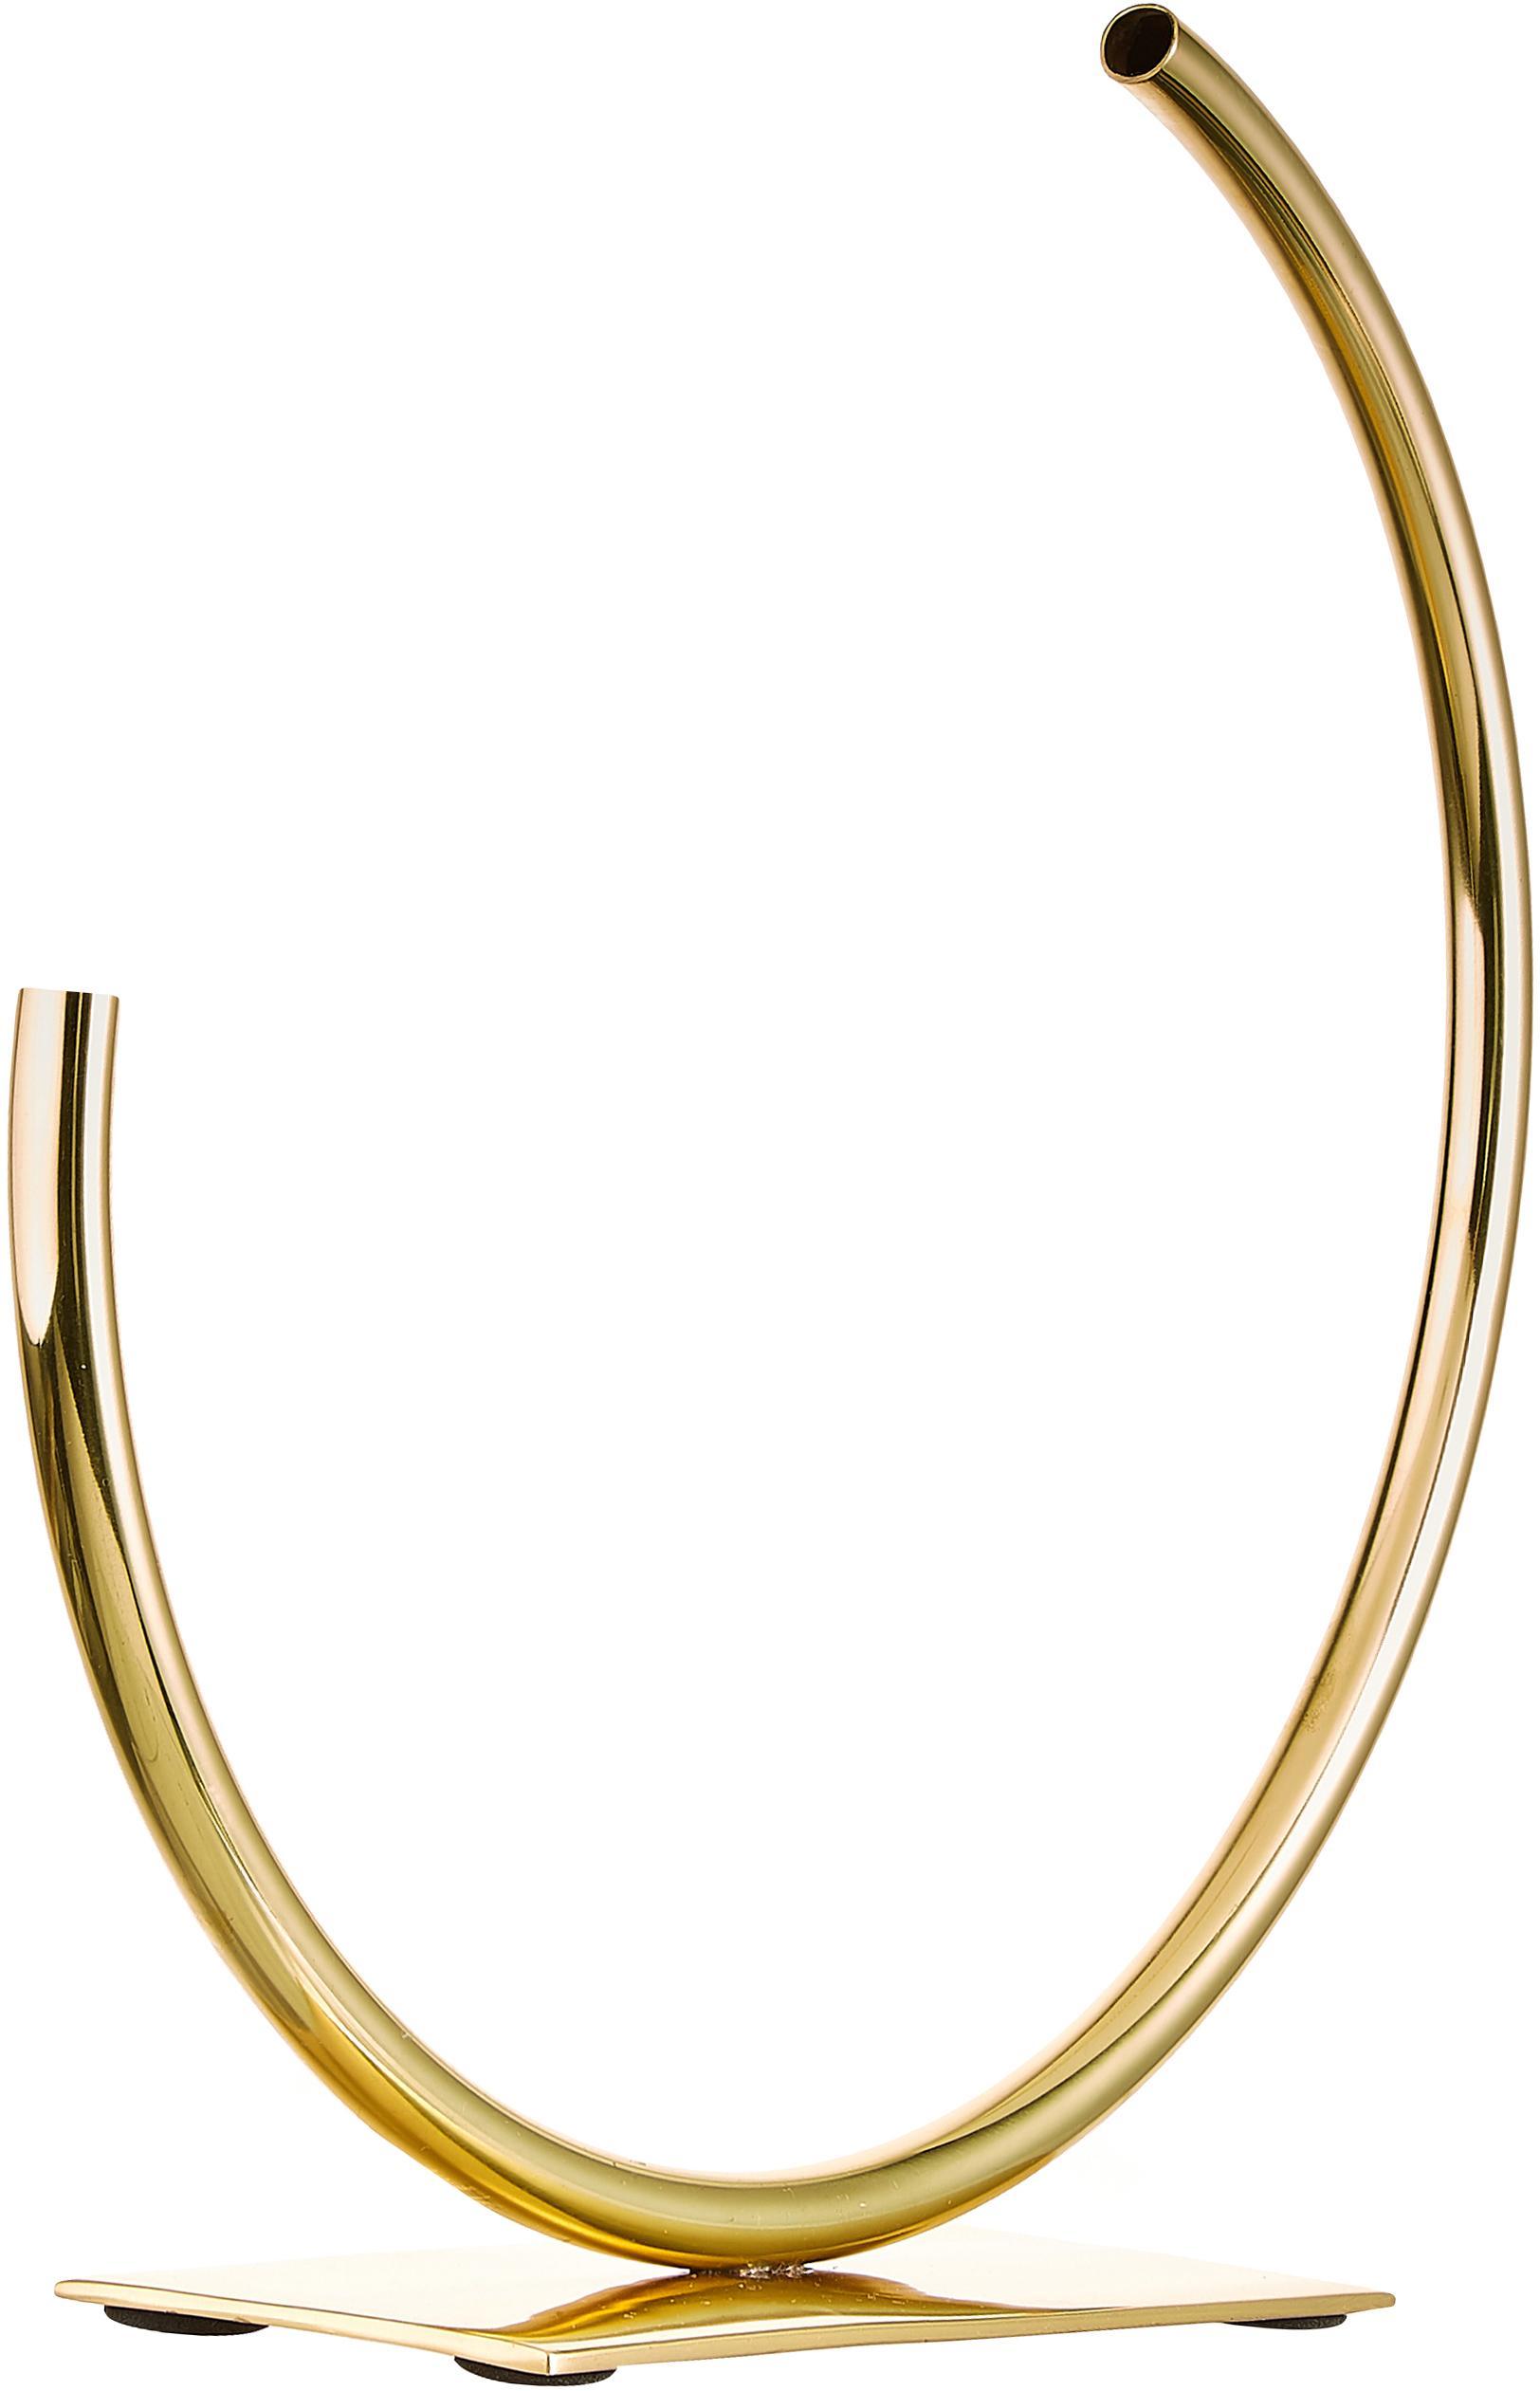 Dekoracja Circle U, Metal, Odcienie złotego, S 29 x W 30 cm